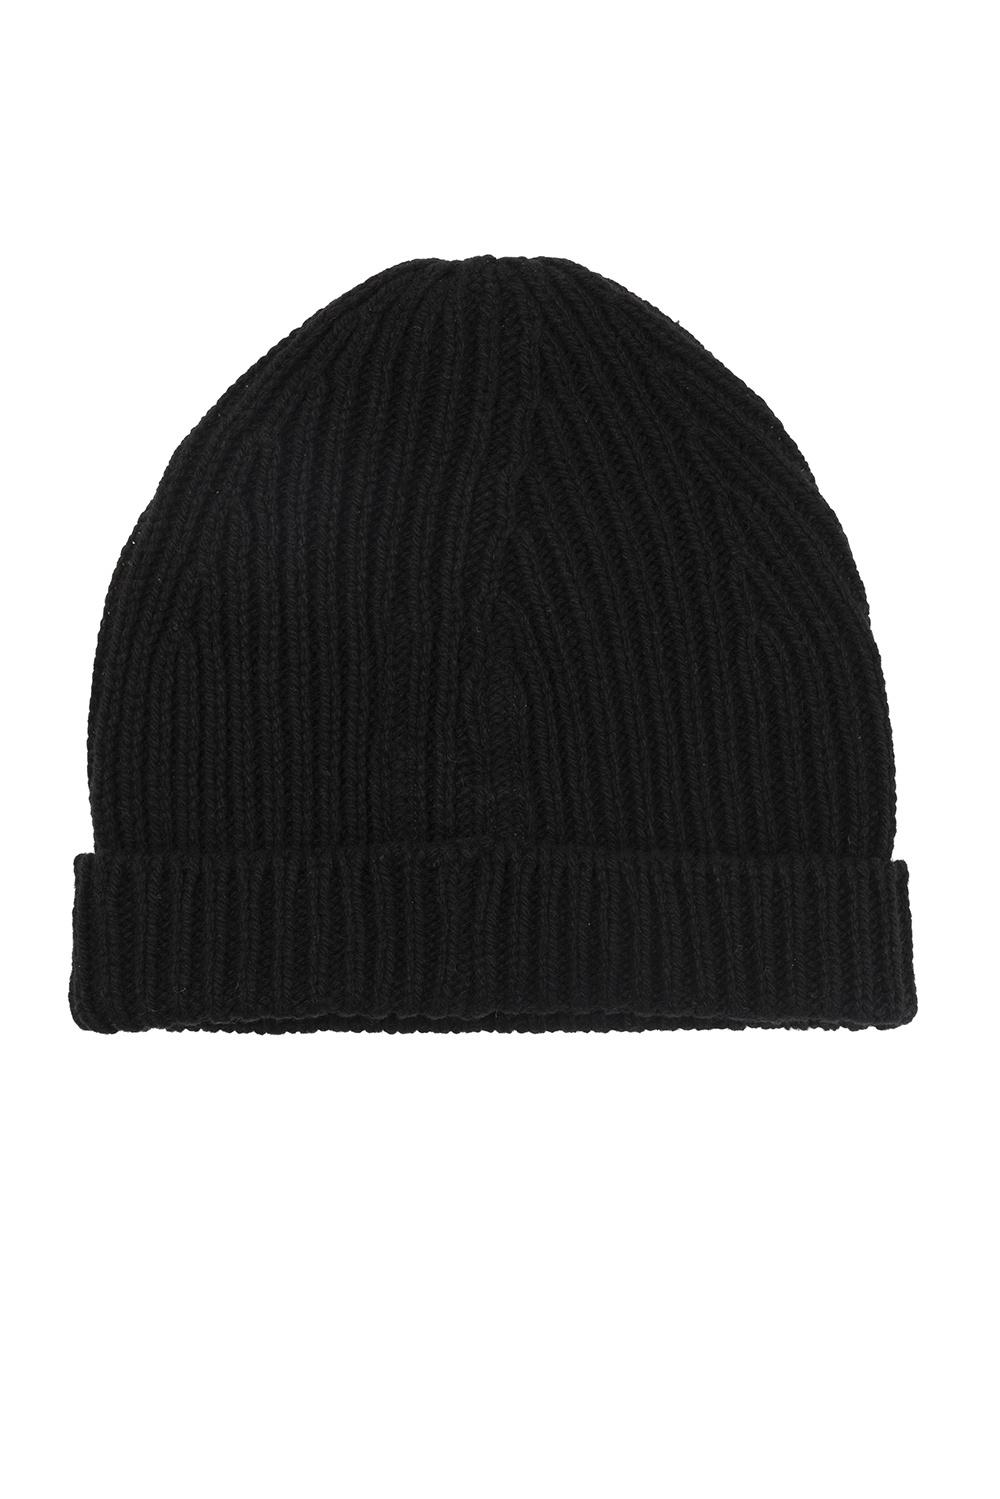 Rick Owens Cashmere hat